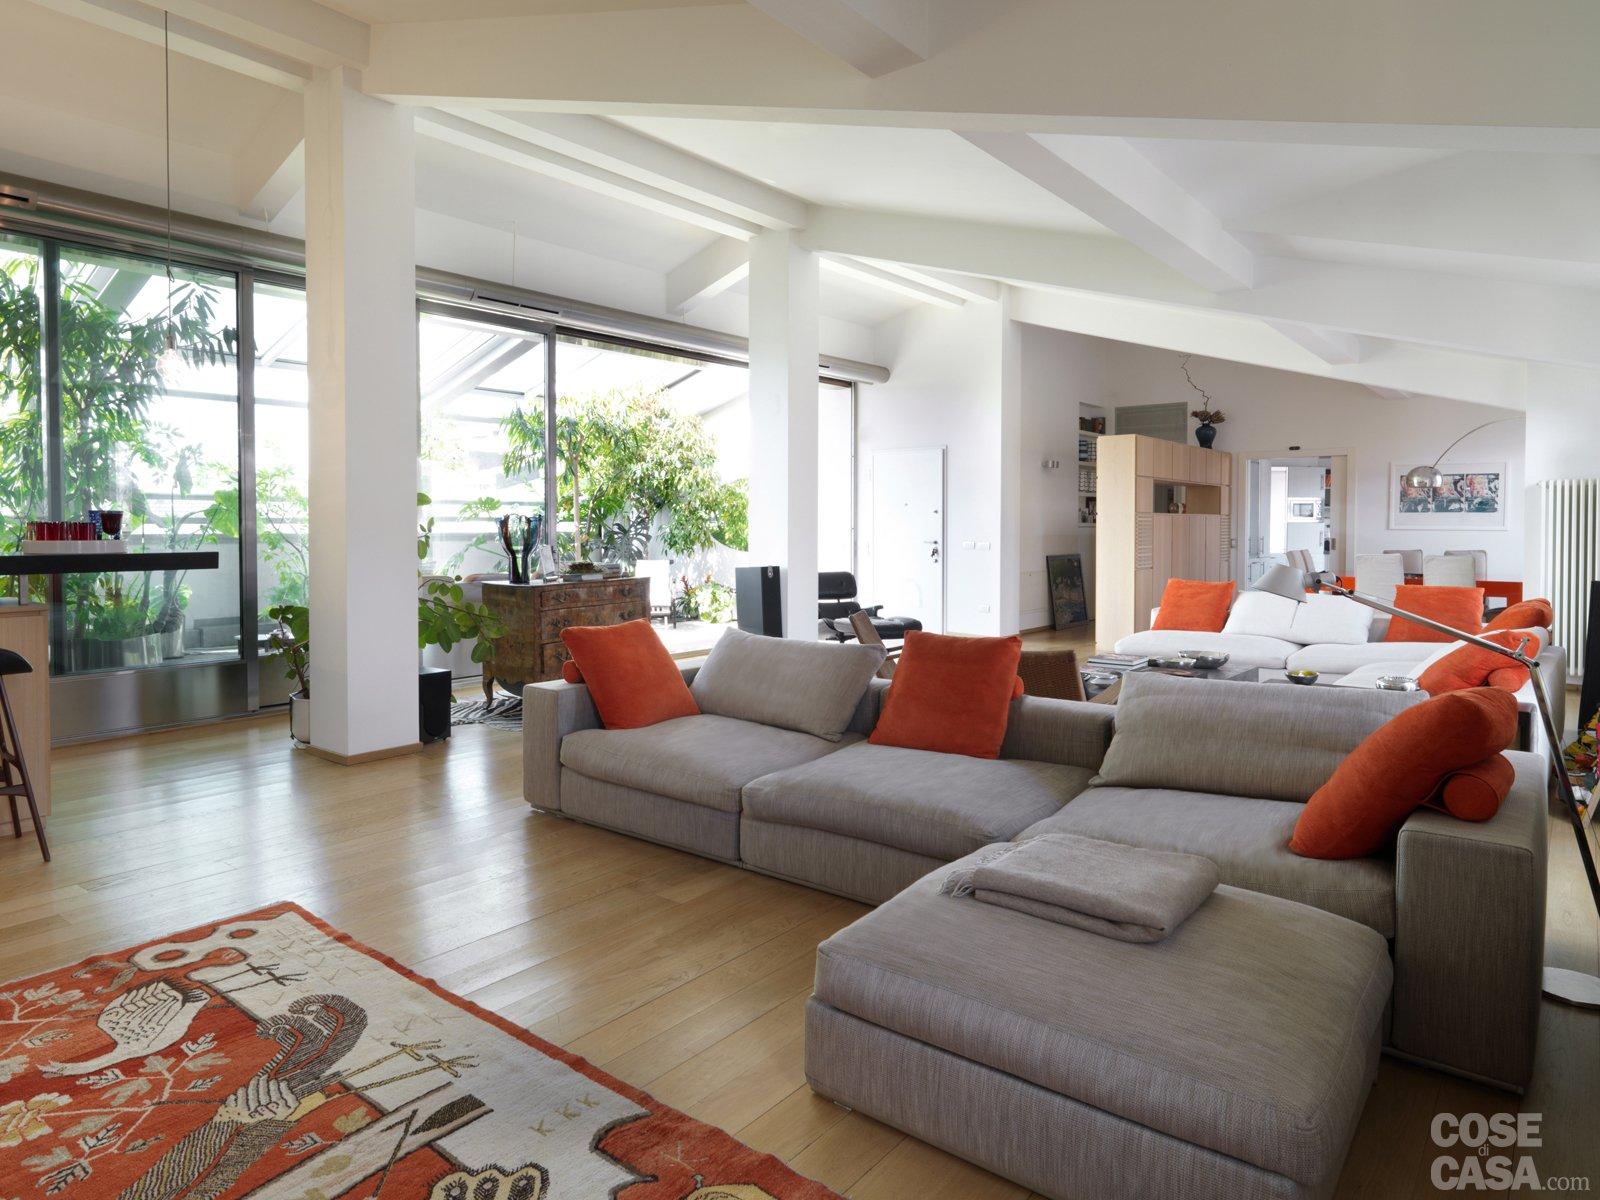 Ingresso Soggiorno Cucina Ambiente Unico: Ingresso soggiorno cucina ...